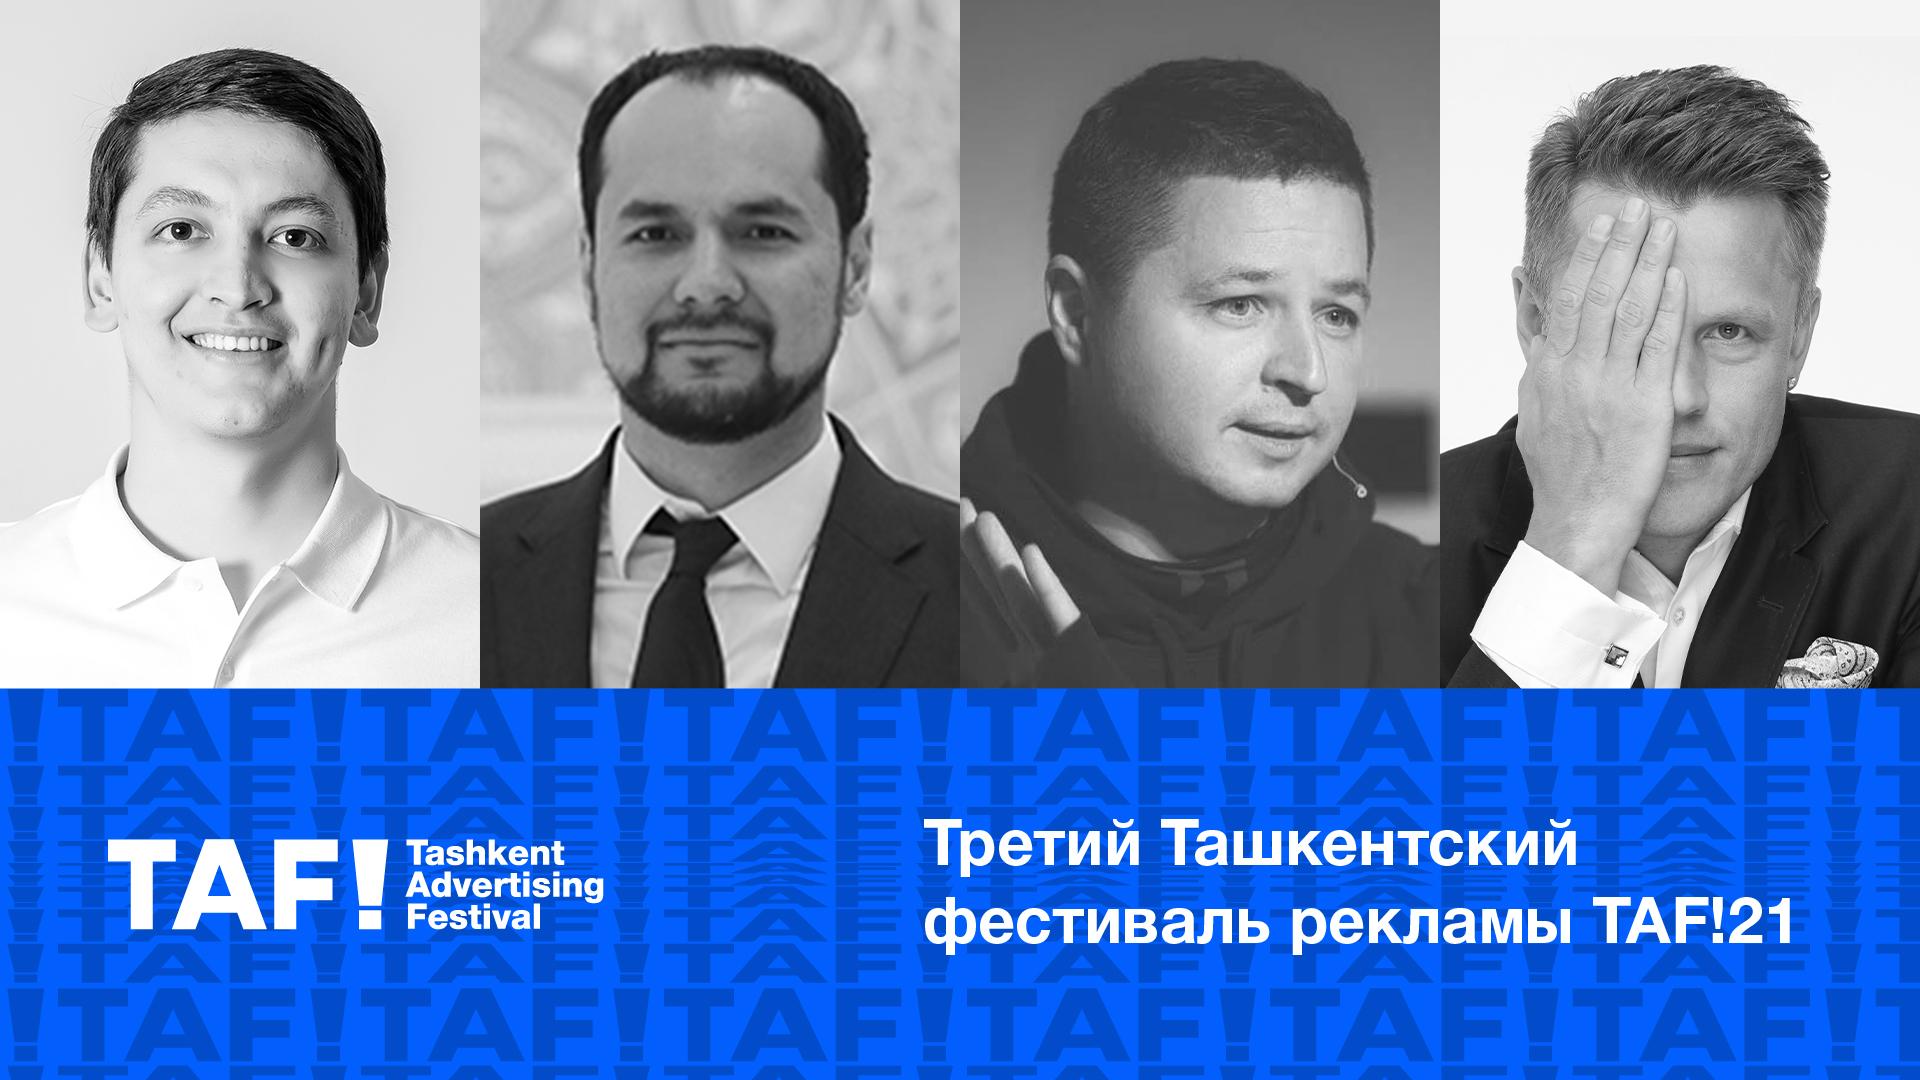 В Ташкенте состоится Третий фестиваль рекламы TAF!21